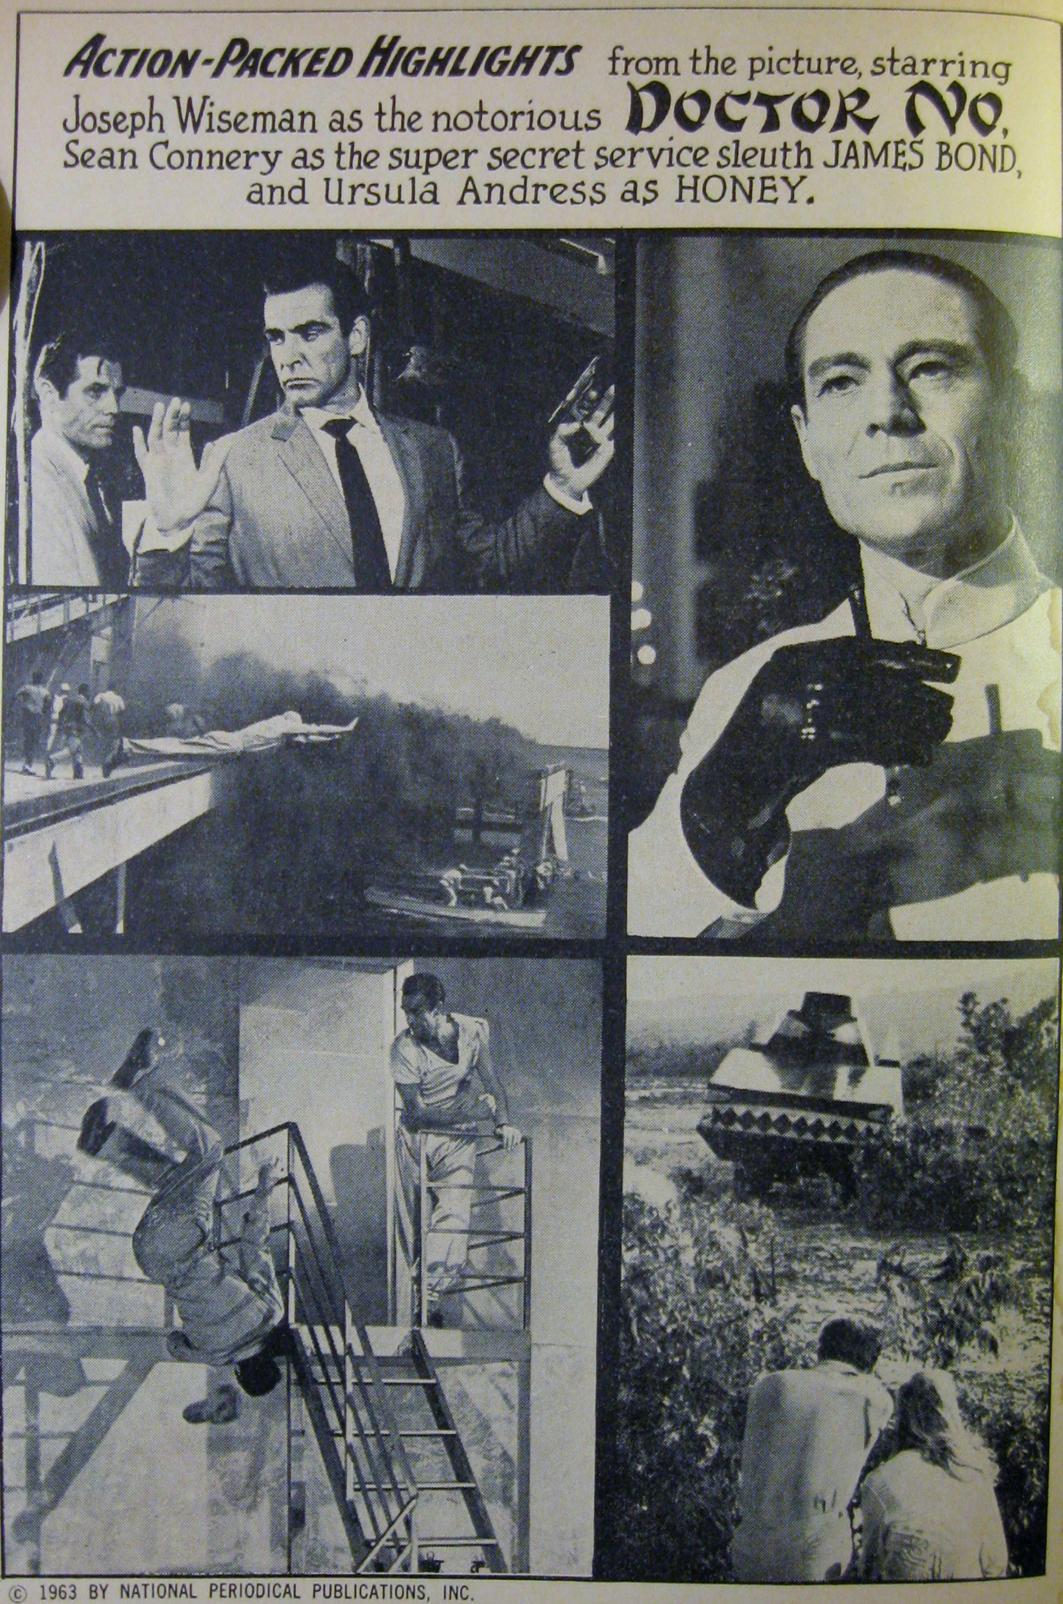 Un cahier de photos fut rajouté dans la version US du comic book.